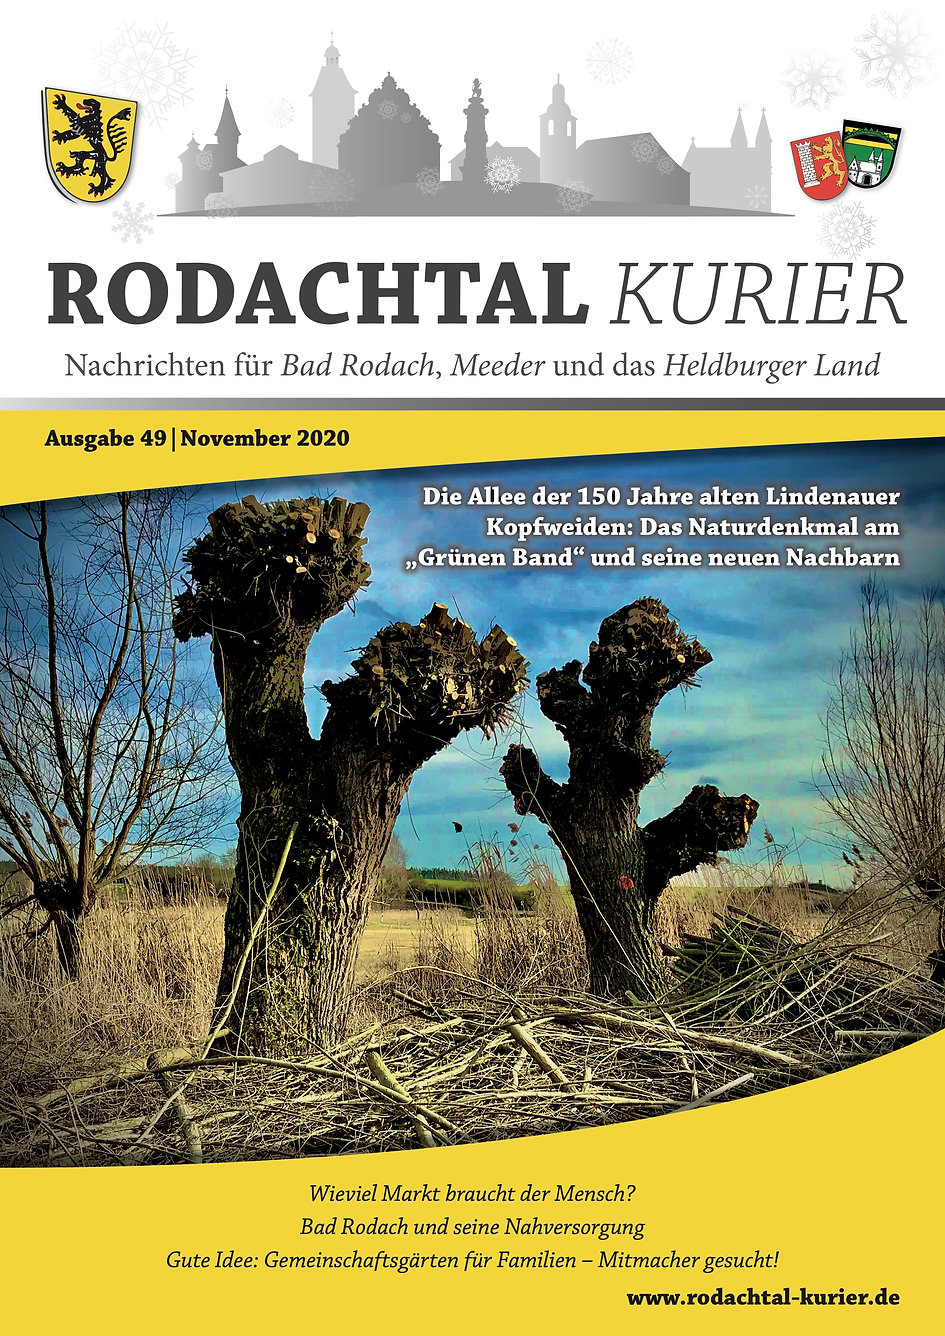 RTK_49_November20_Cover.jpg